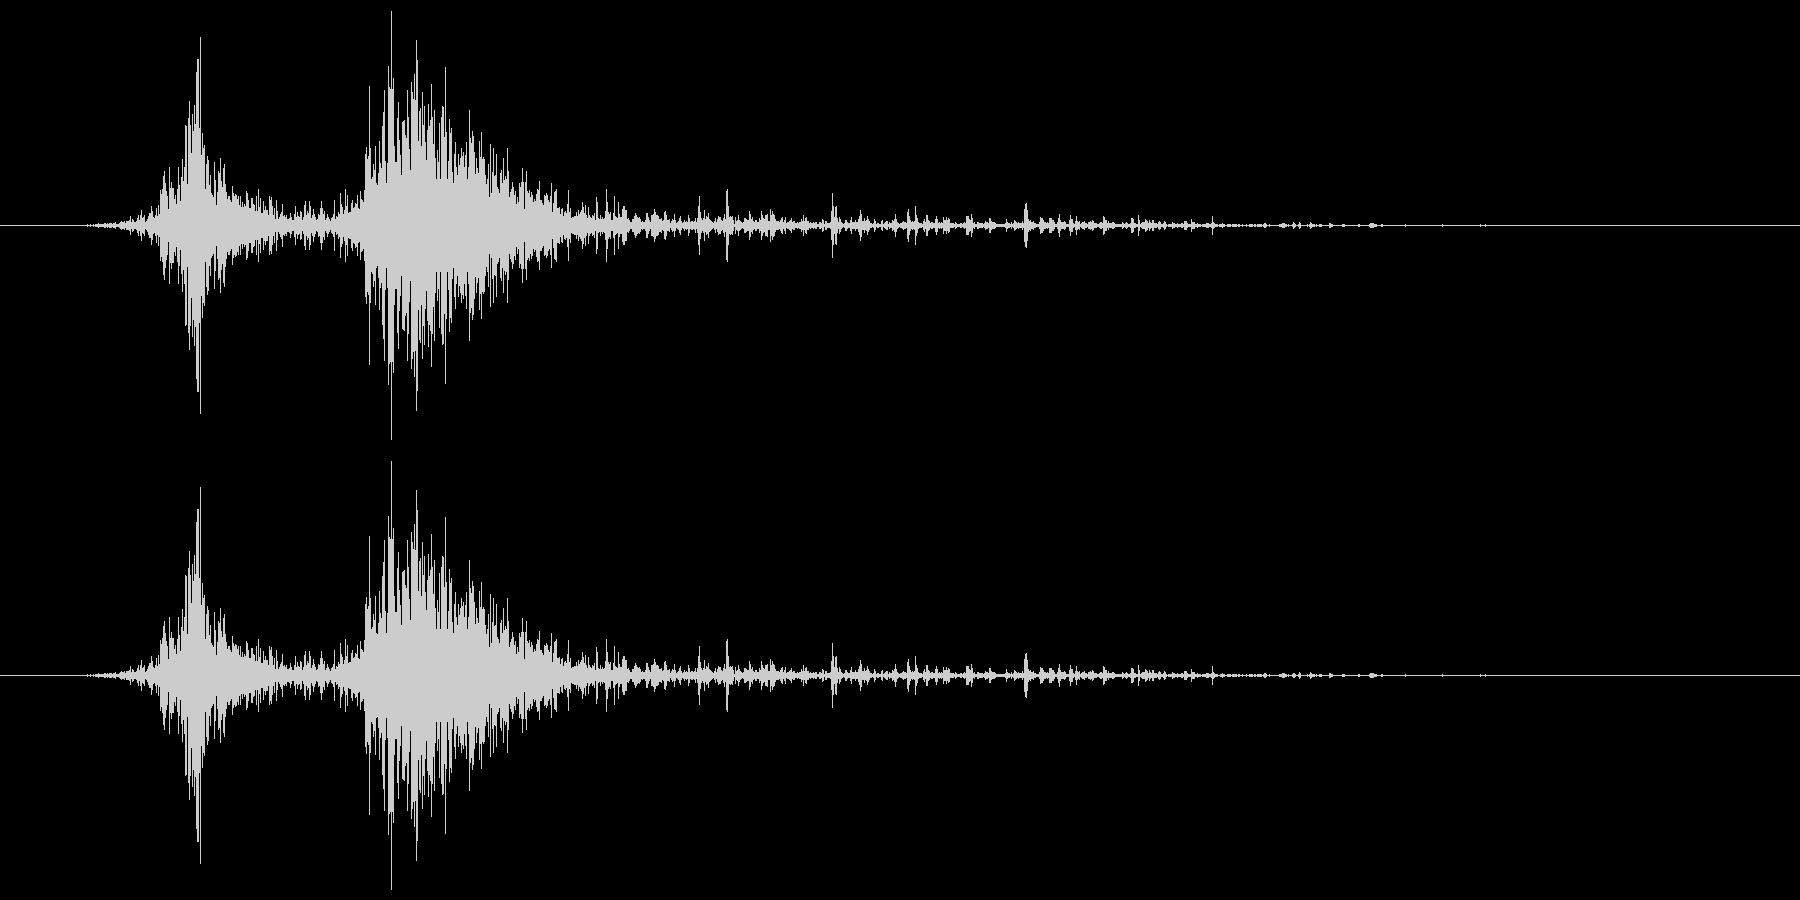 カシャ(シェーカー)の未再生の波形